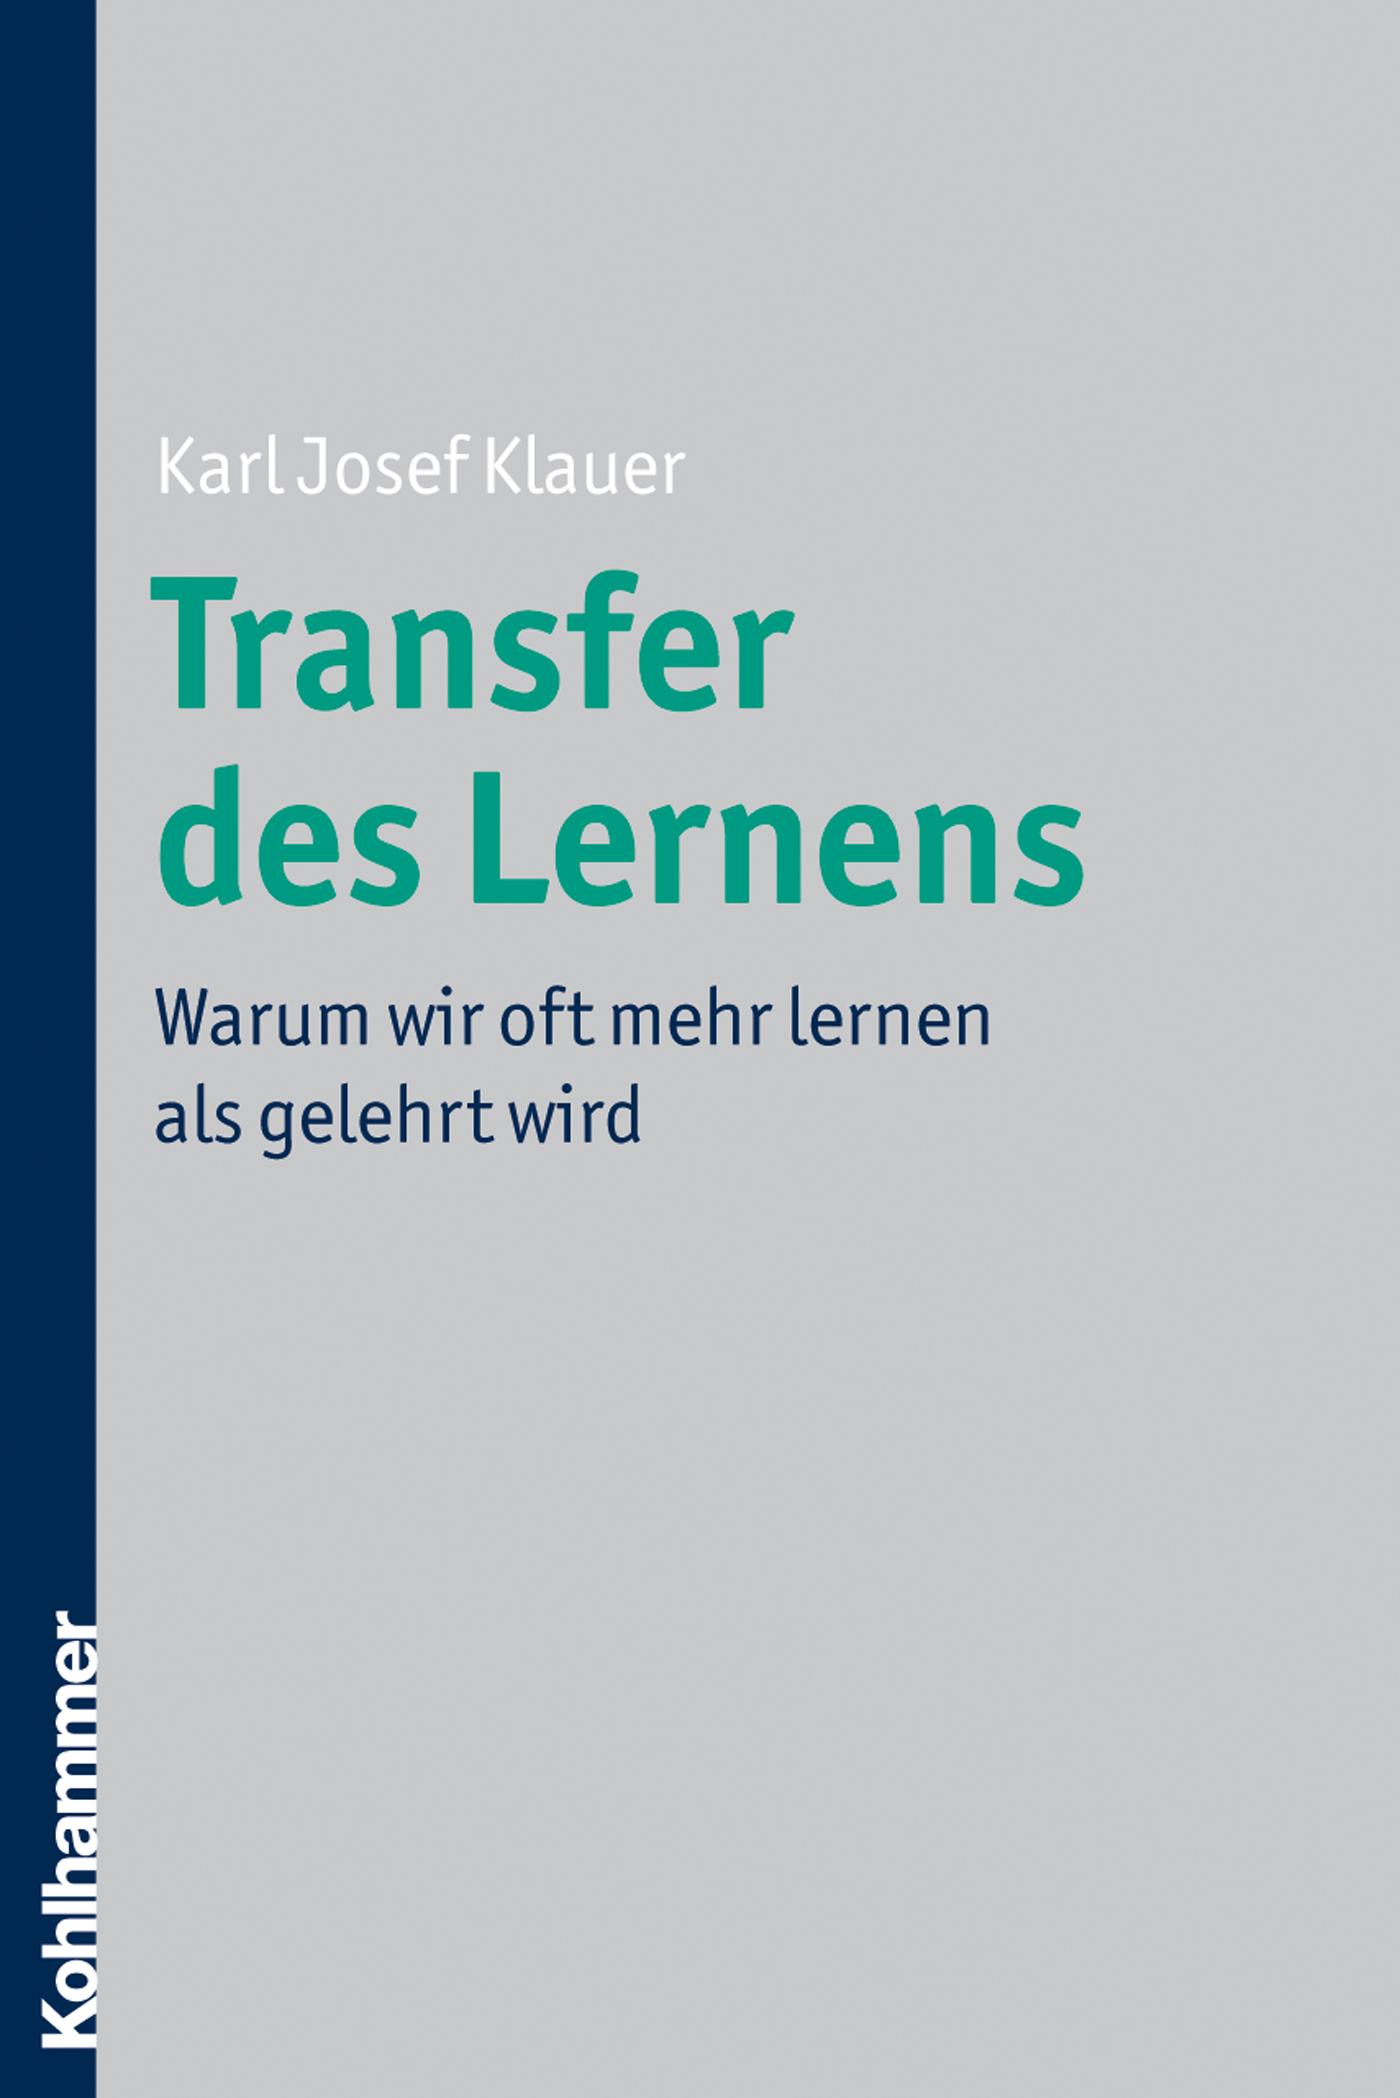 Karl Josef Klauer Transfer des Lernens